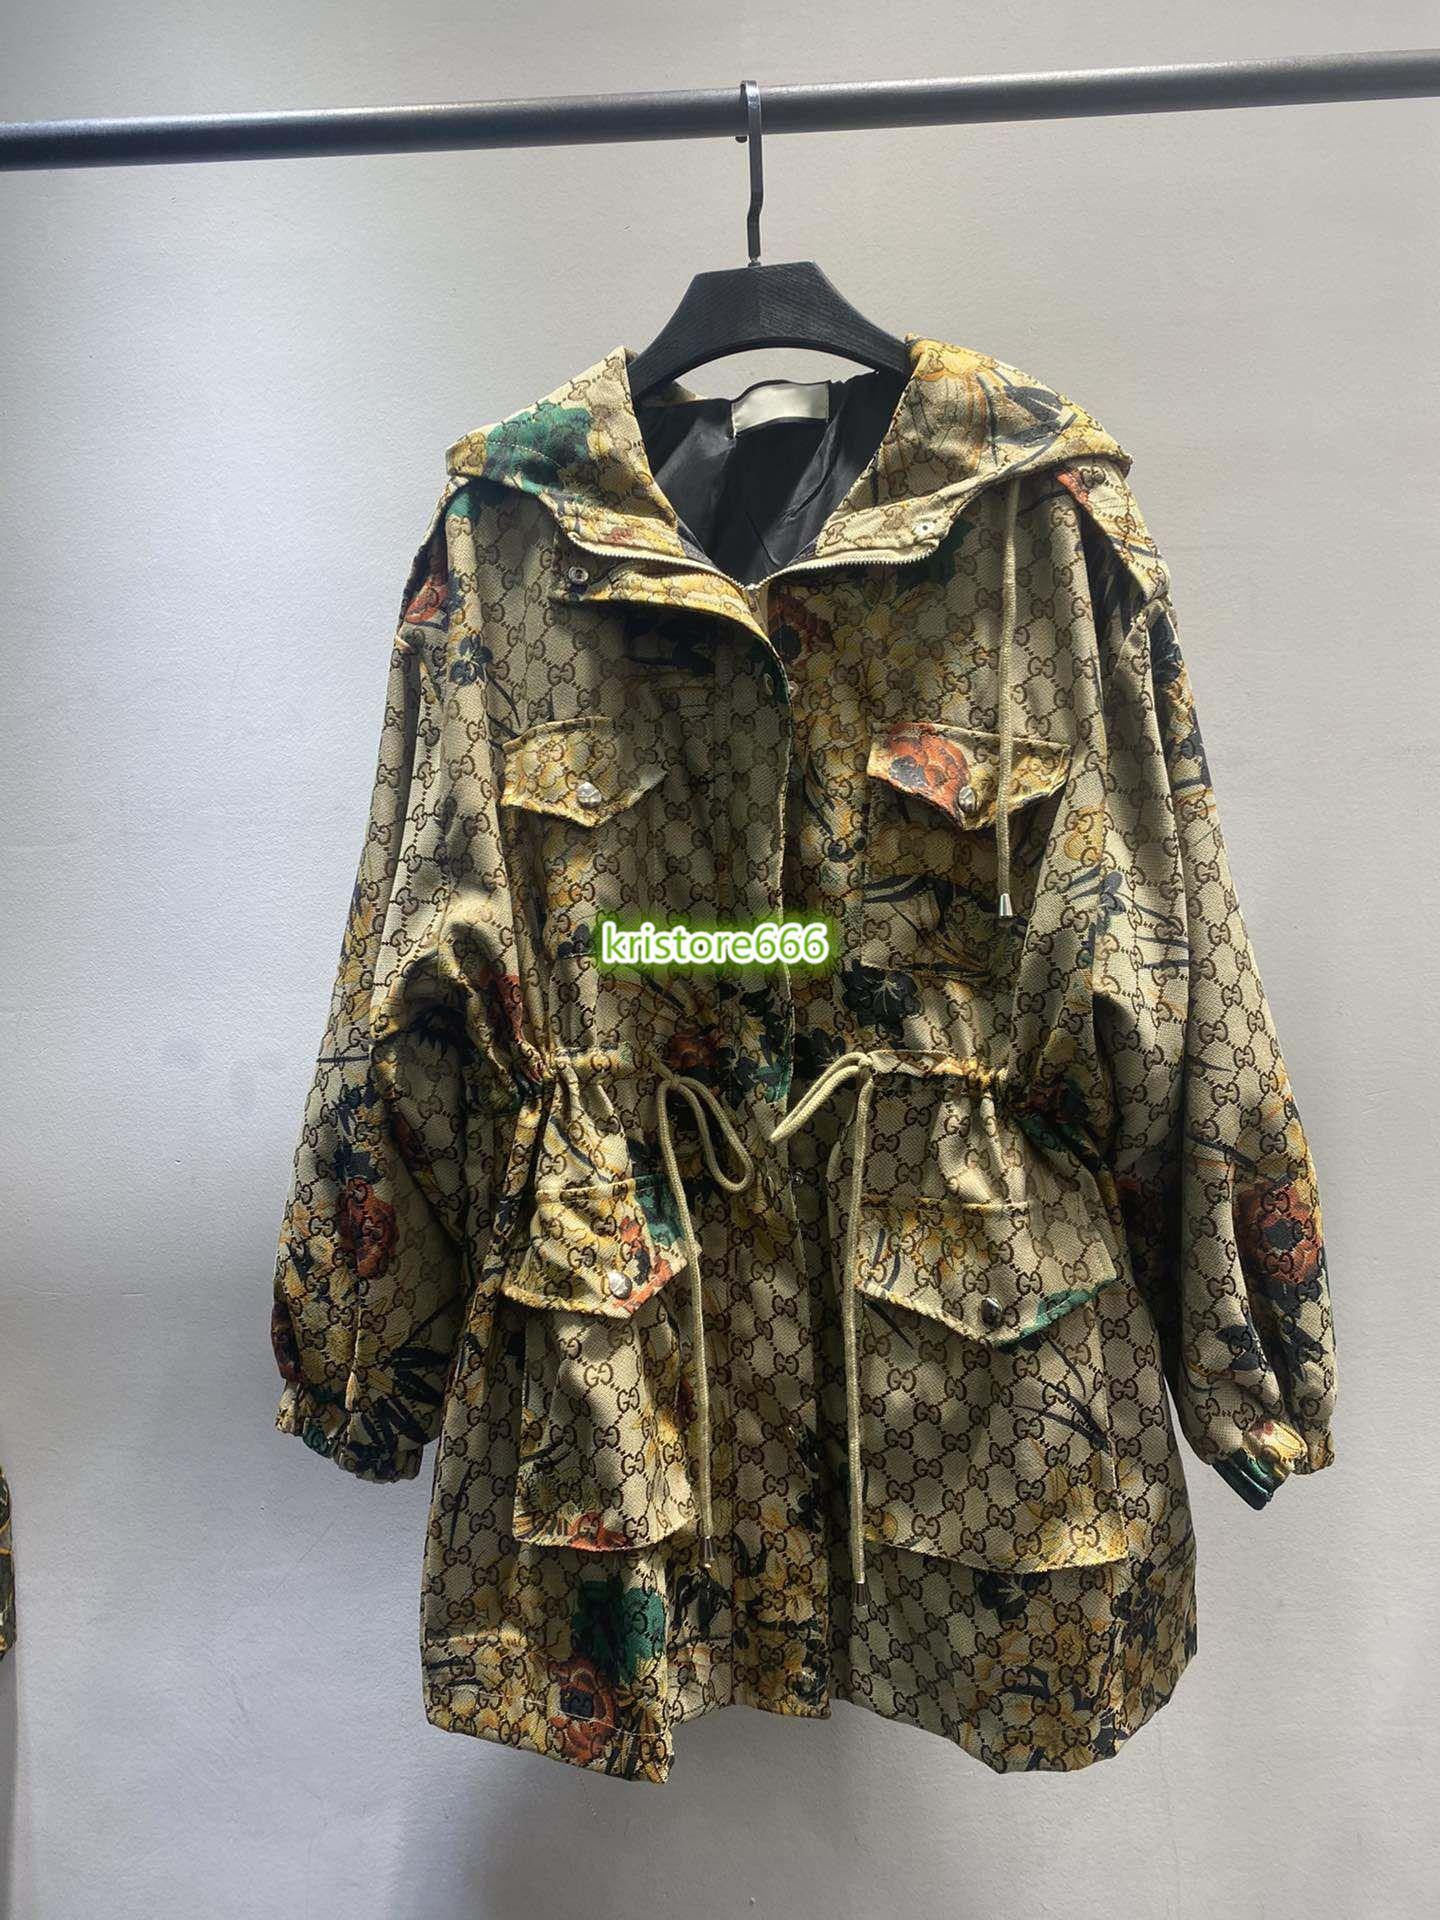 2020 Femmes Vintage Design Luxury imprimé floral manteau de veste à capuchon filles piste Outwear Oversize Parka Chemises Hauts Veste lettres Imprimer